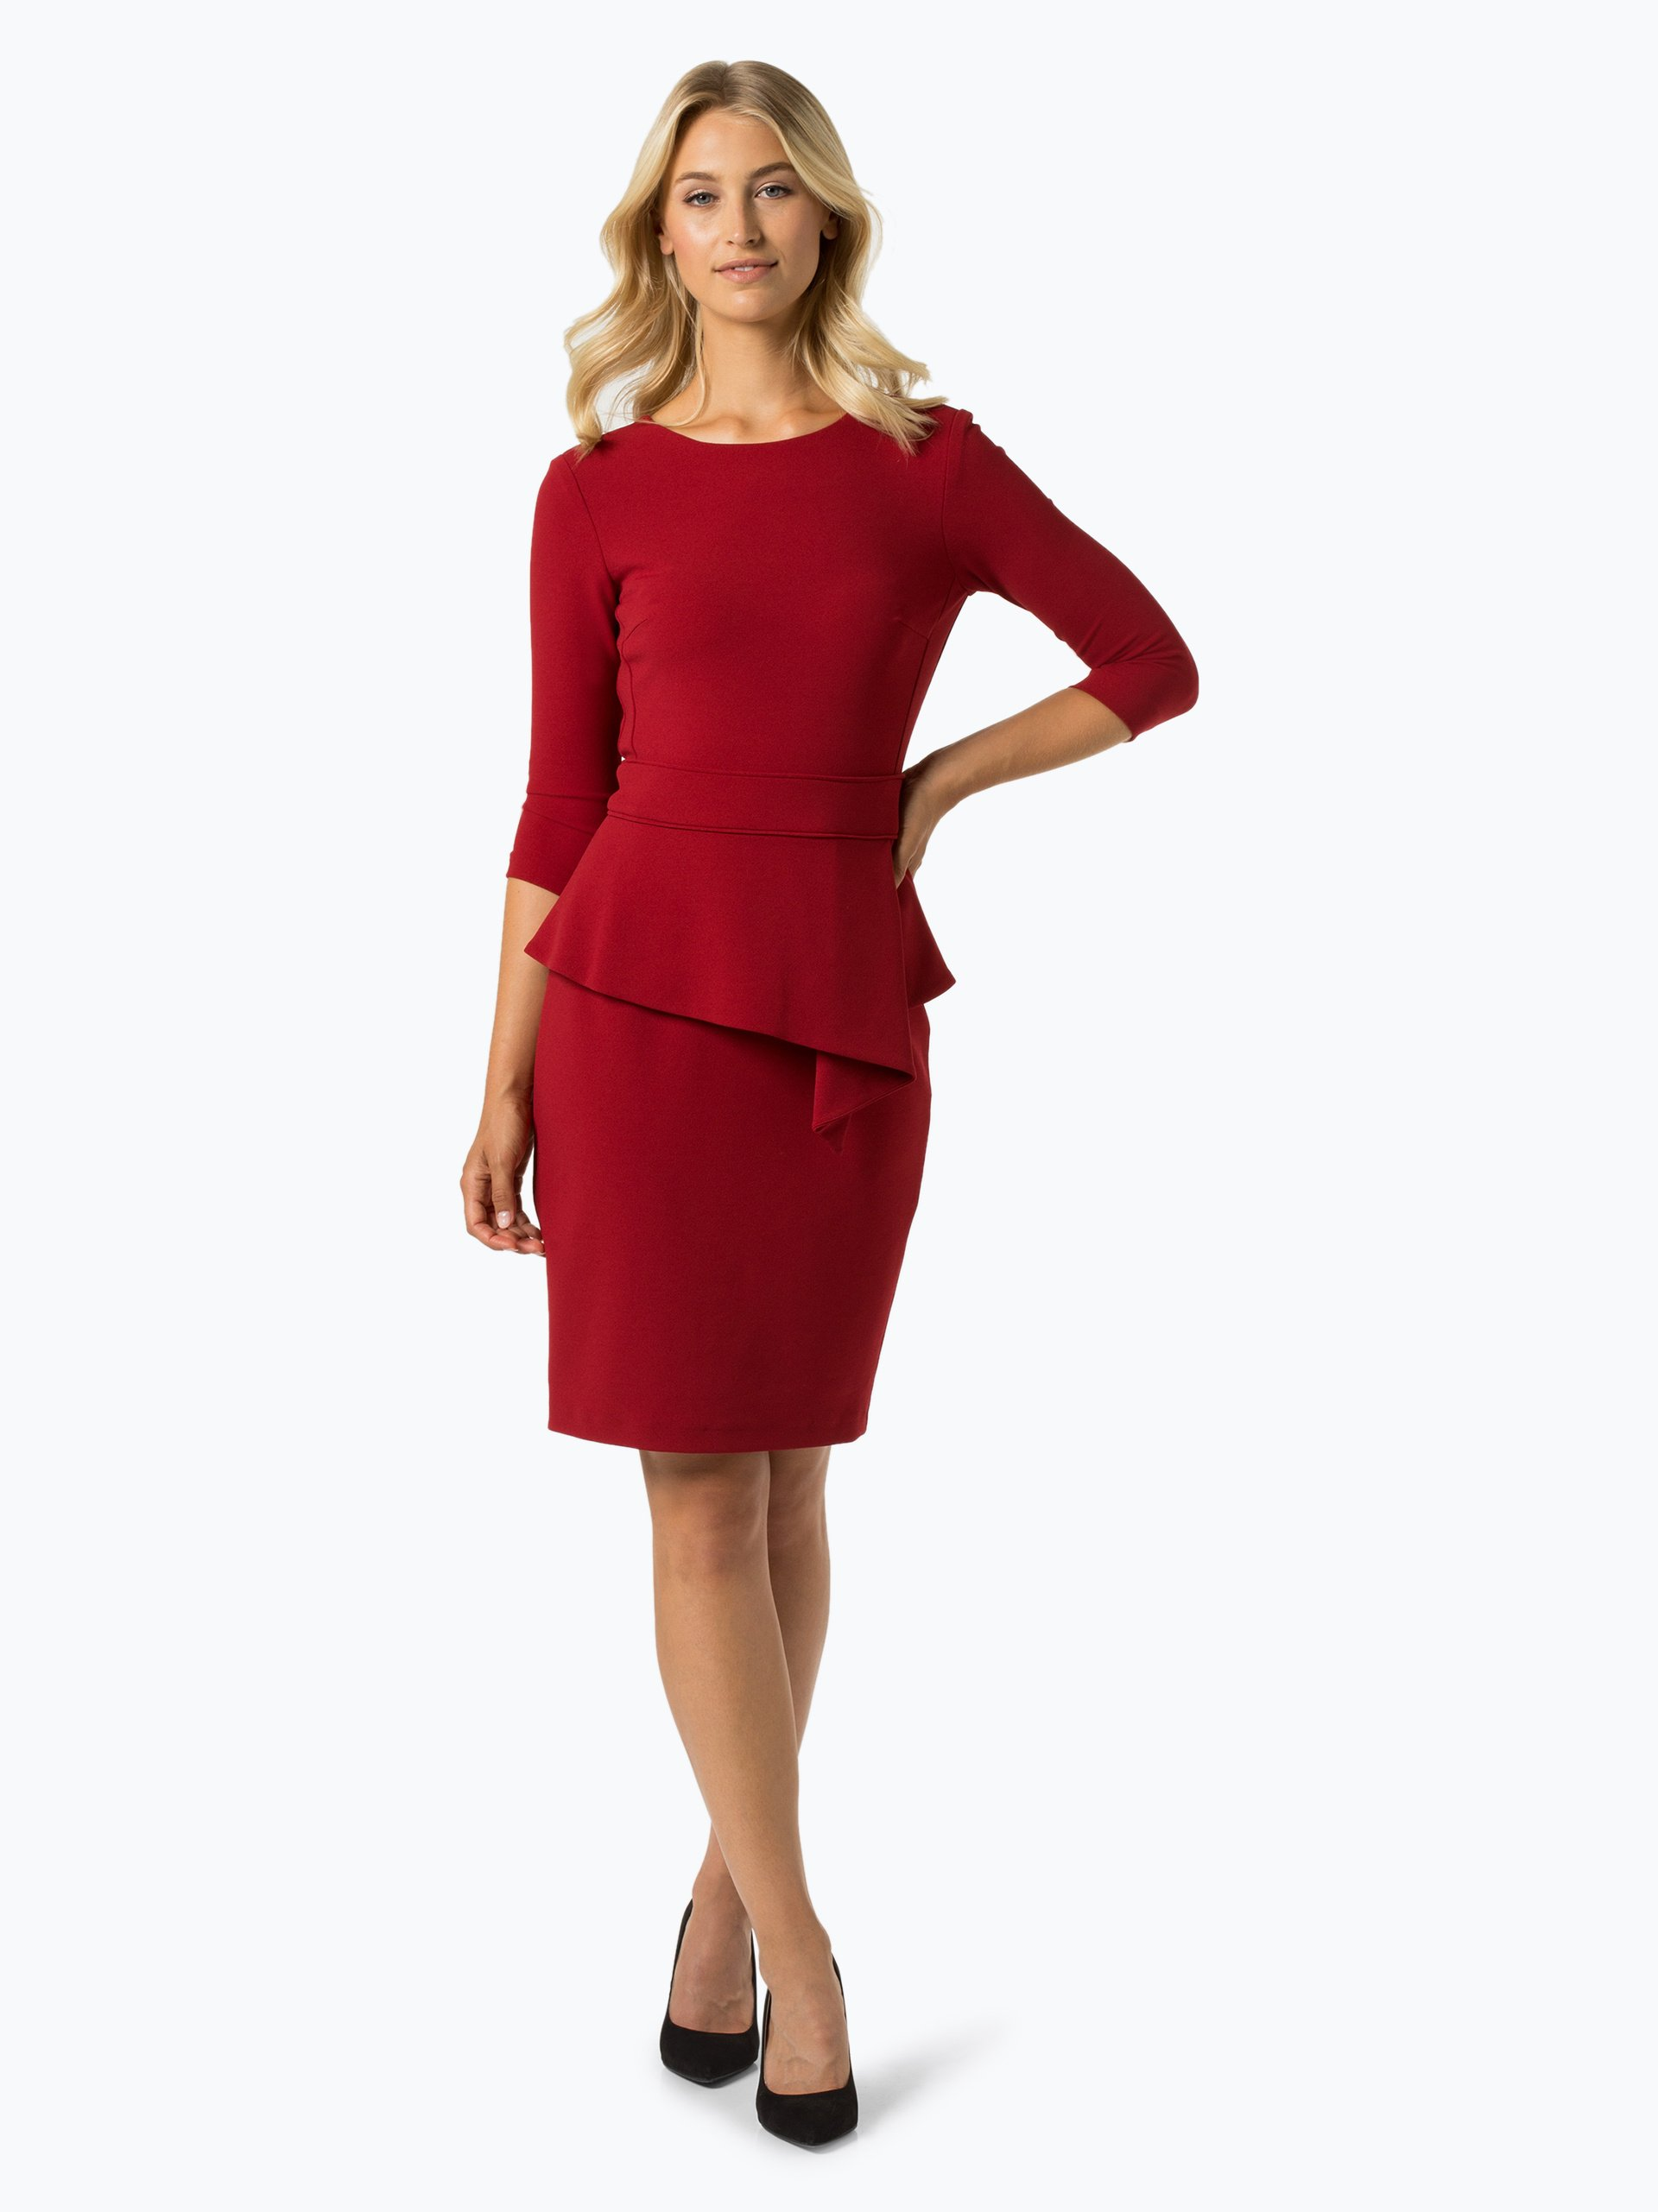 paradi damen kleid rot uni online kaufen peek und cloppenburg de. Black Bedroom Furniture Sets. Home Design Ideas